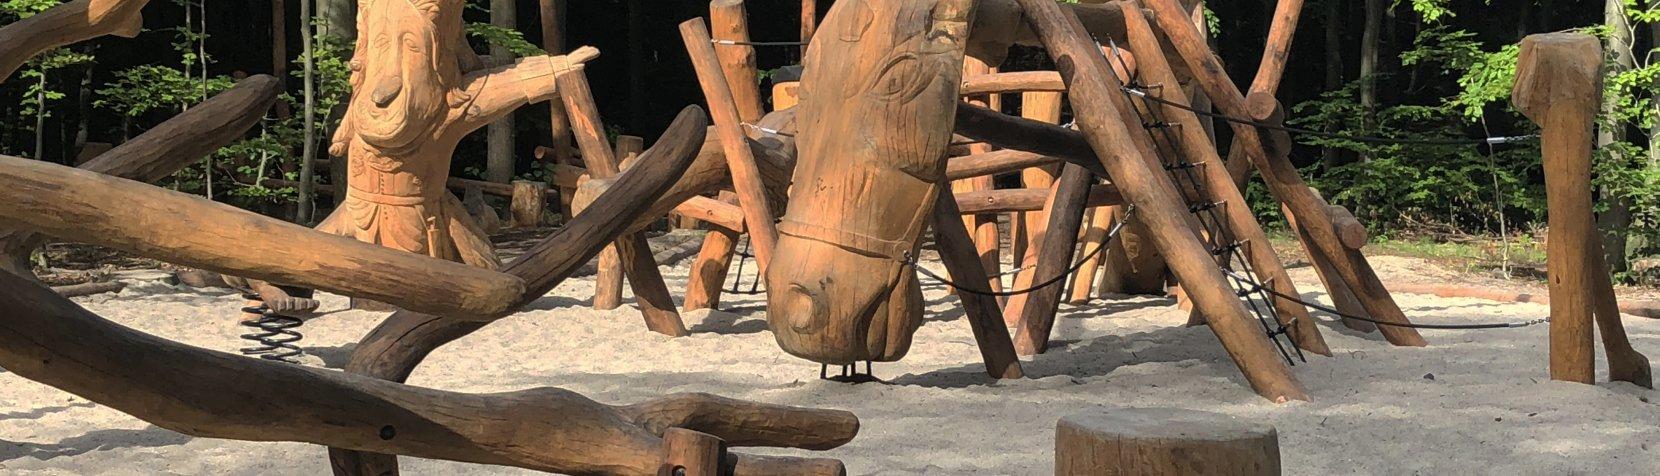 Foto: Hest og konge fra Skovlegepladsen Kronhjorten